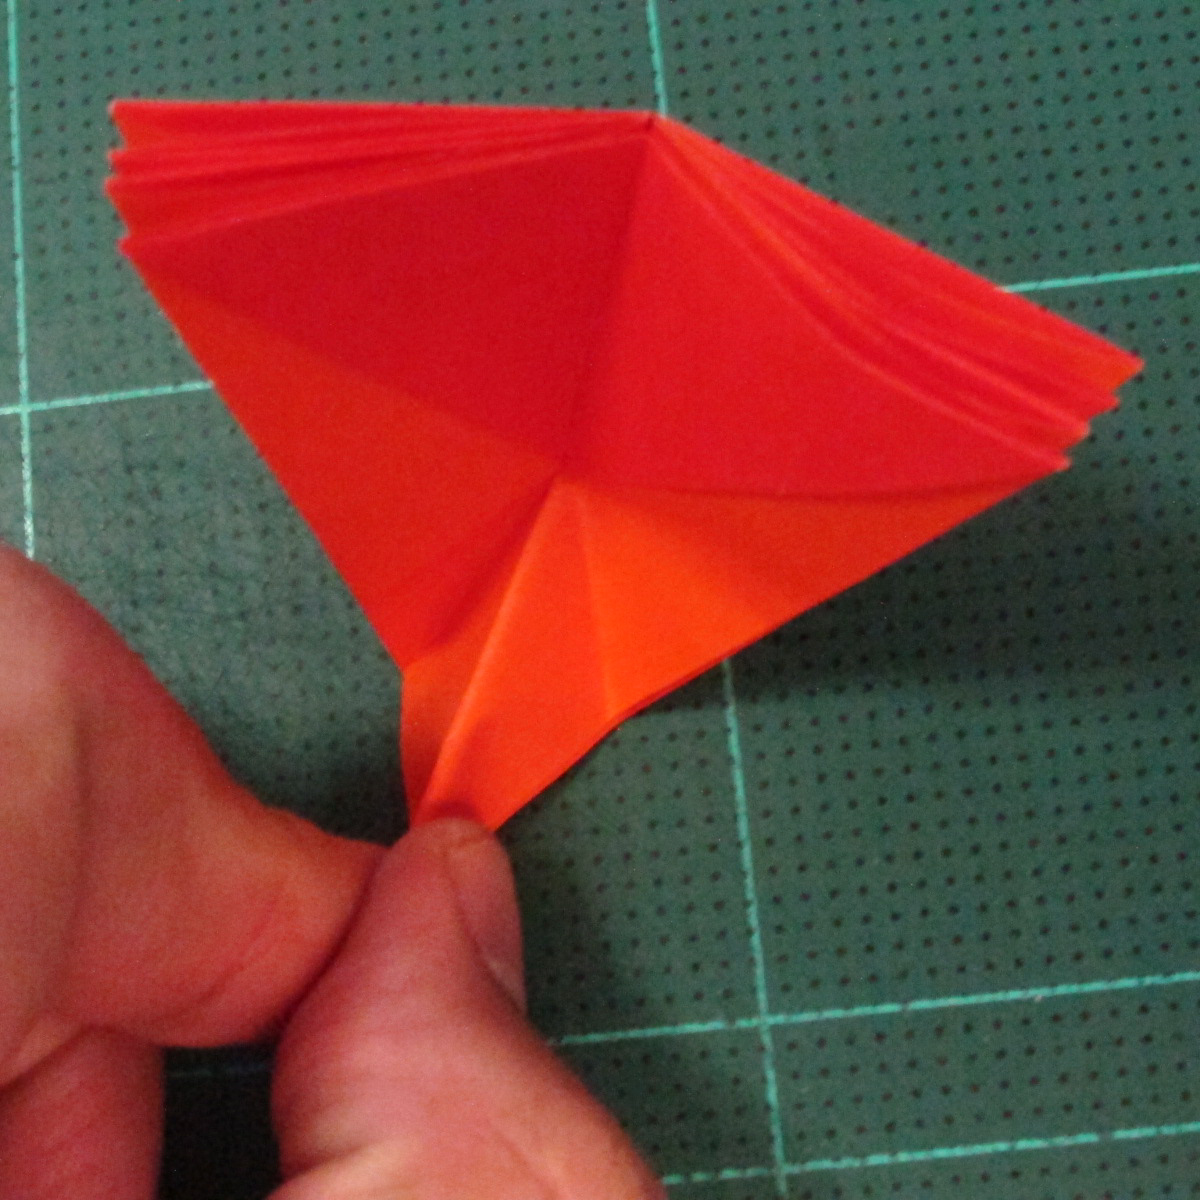 วิธีพับกระดาษเป็นช่อดอกไม้ติดอกเสื้อ (Origami Wedding Chest Flower) 017